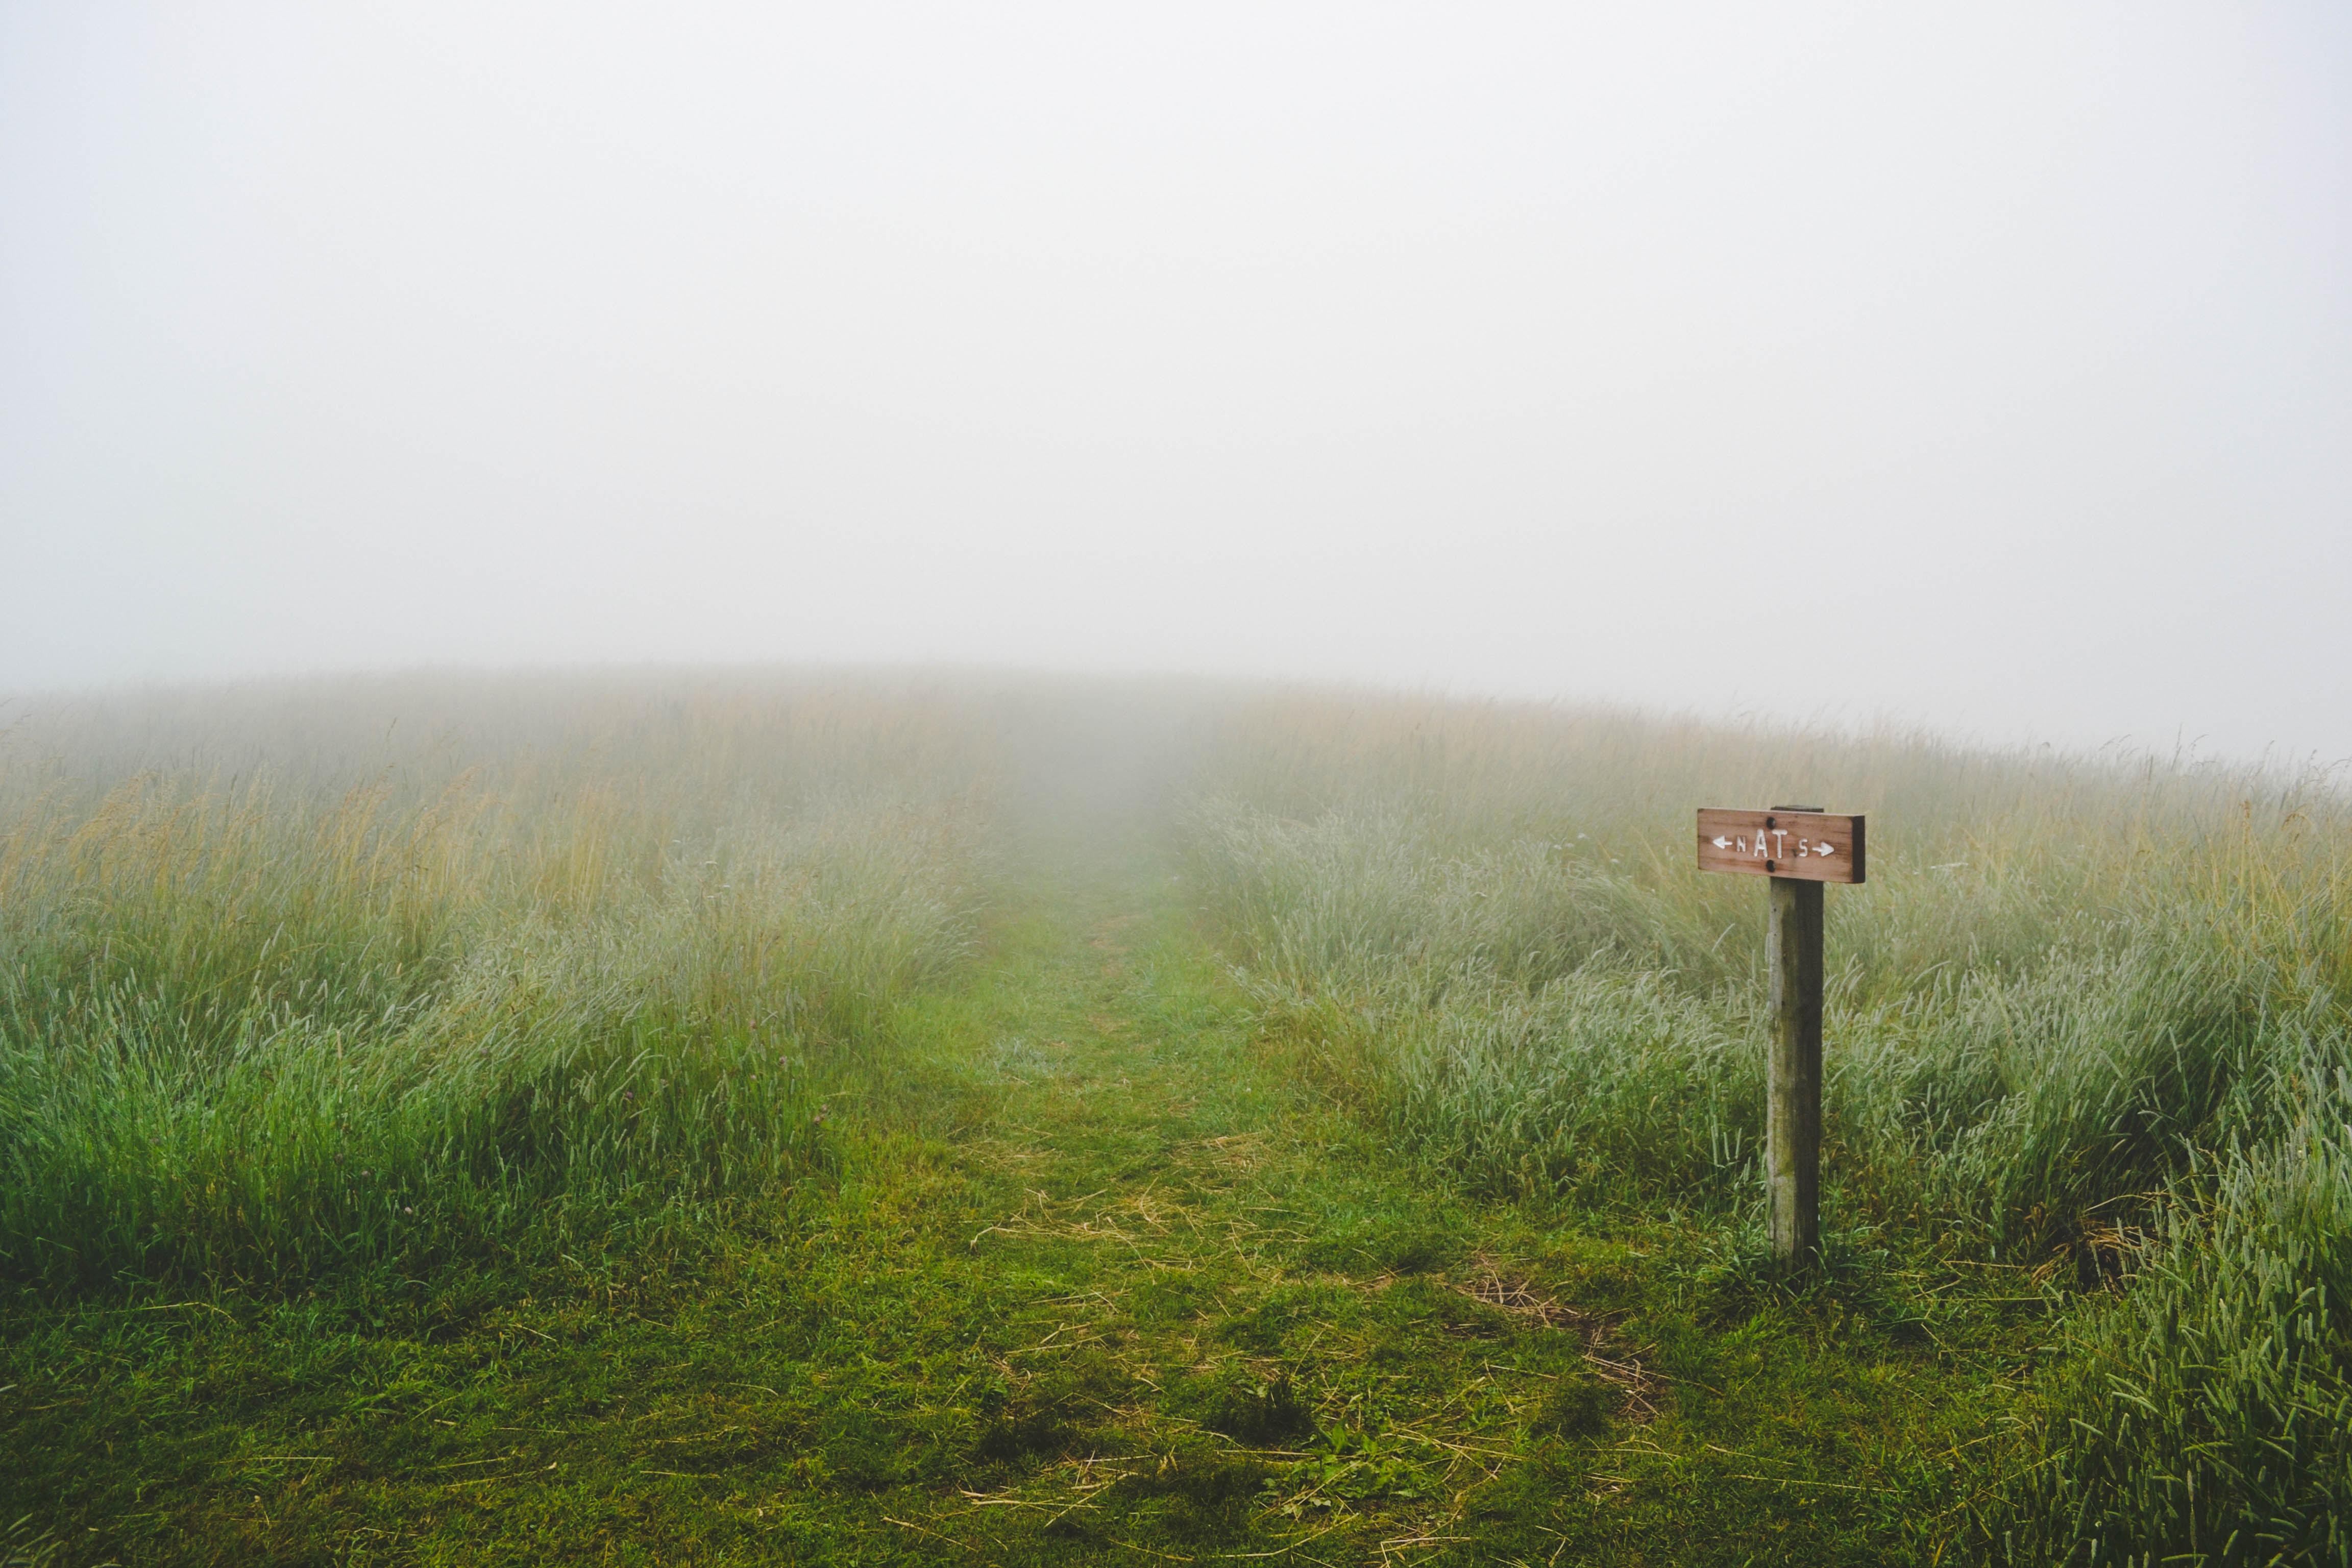 Wohin führt das Schild? Foto: Evelyn Mostrom on Unsplash